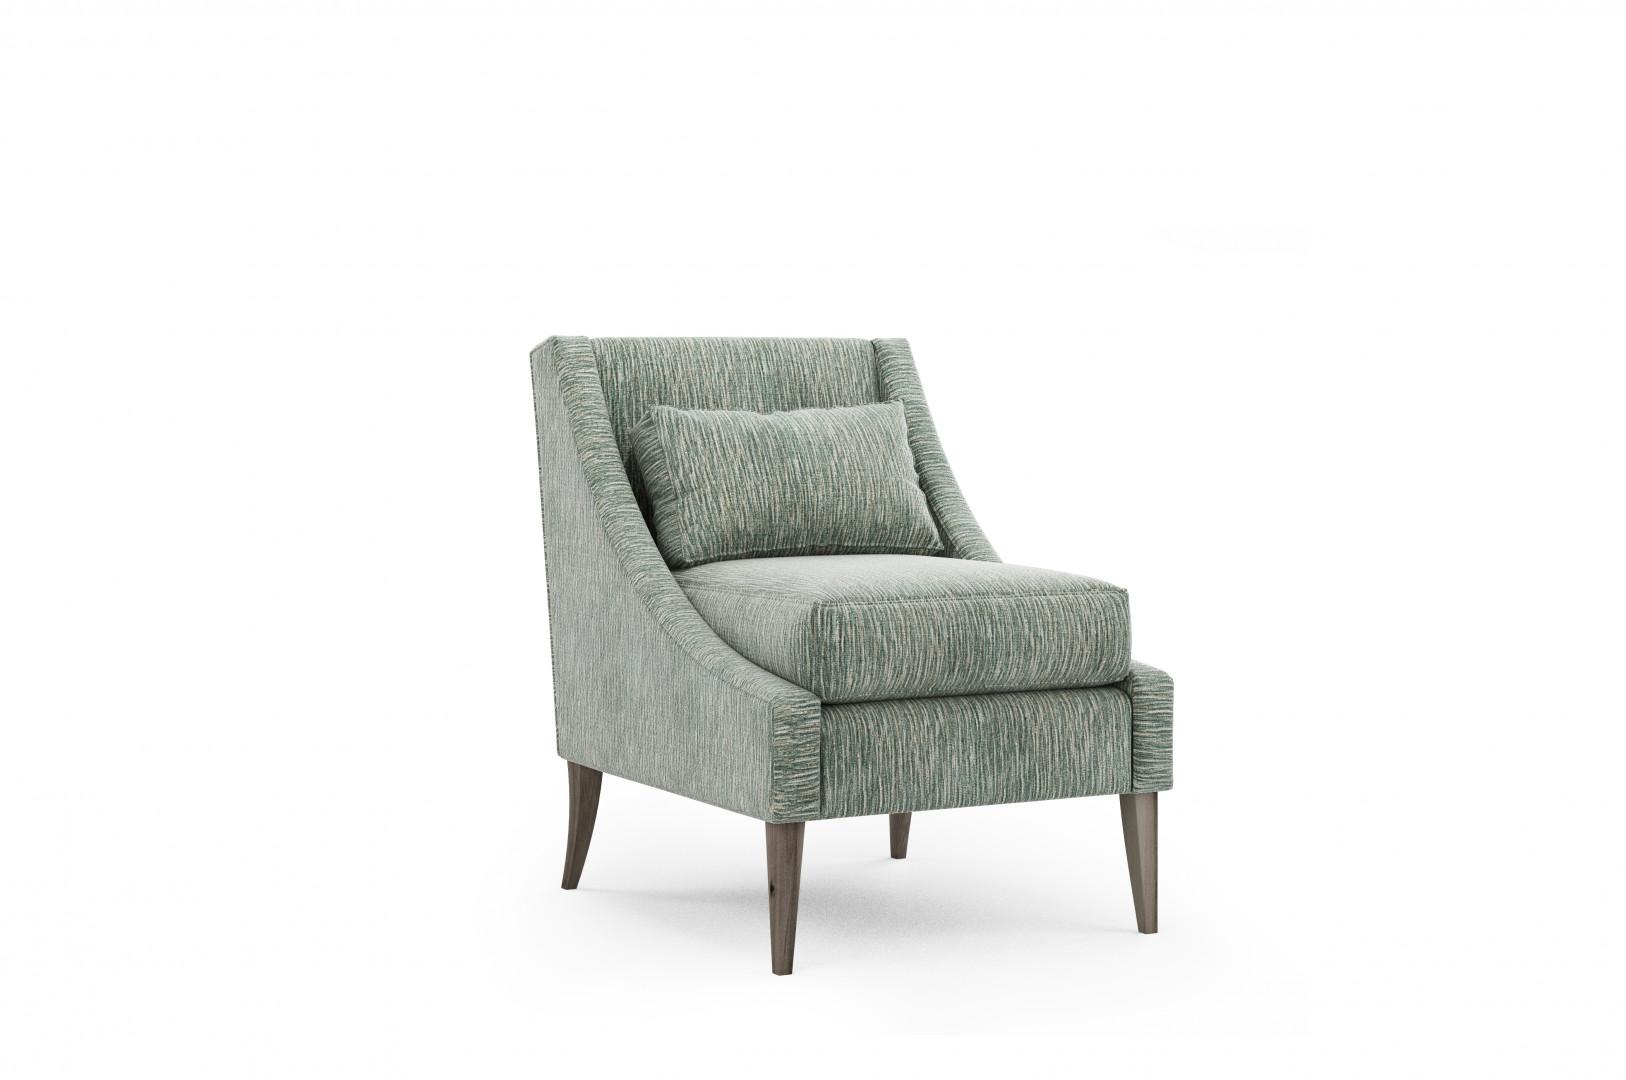 Fotel wykończony tkaniną z kolekcji Sara. Fot. Pik Collection